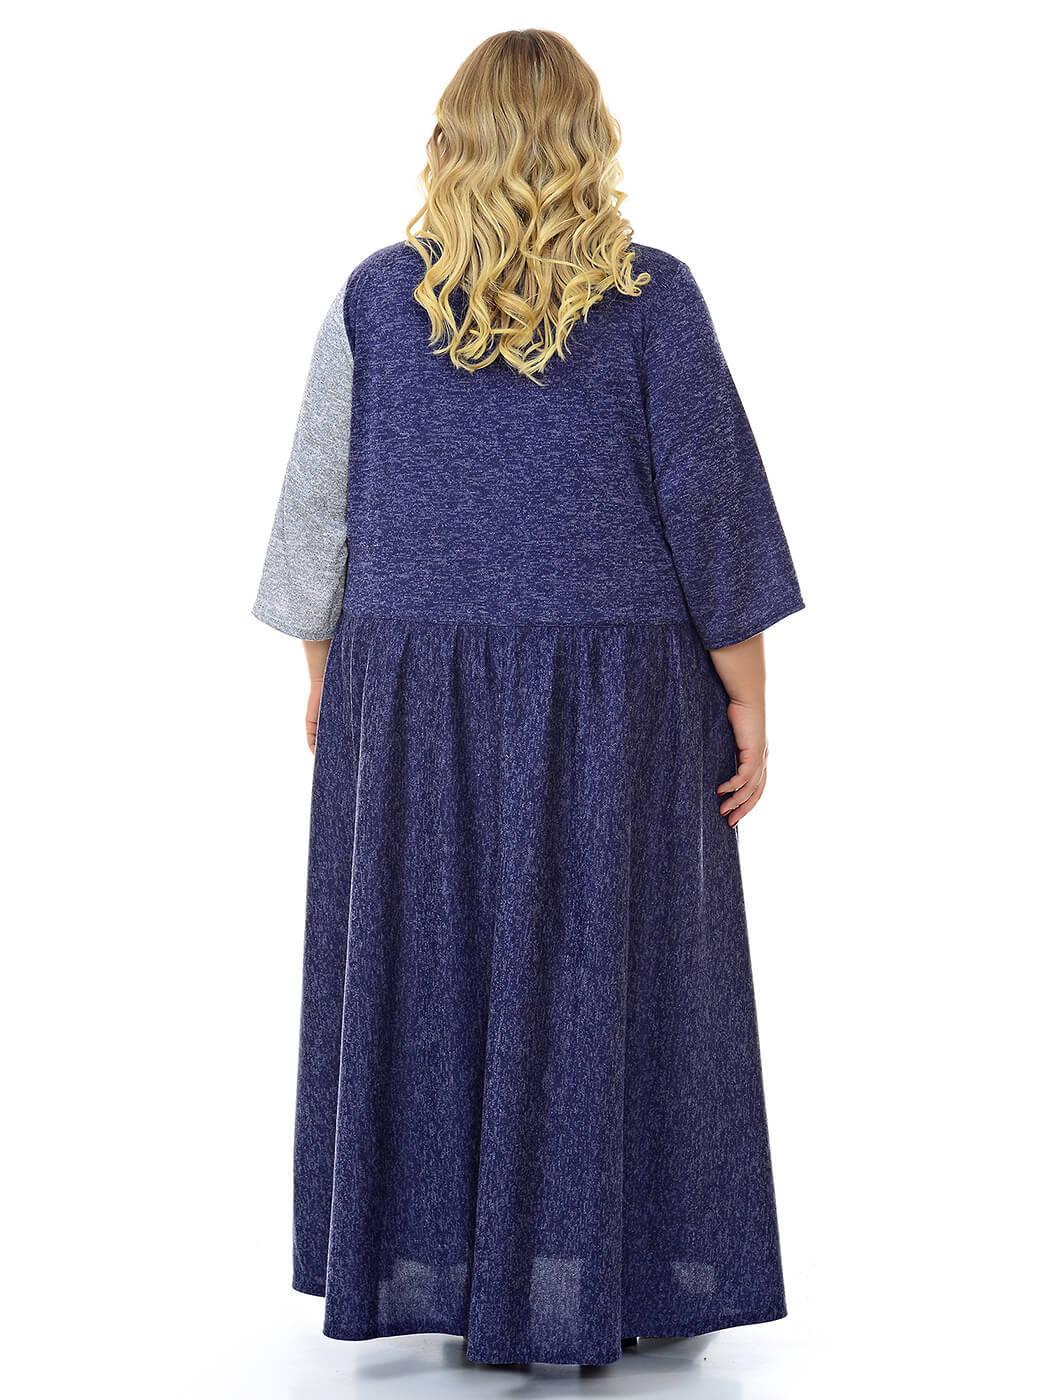 Комбинированное платье джерси меланж